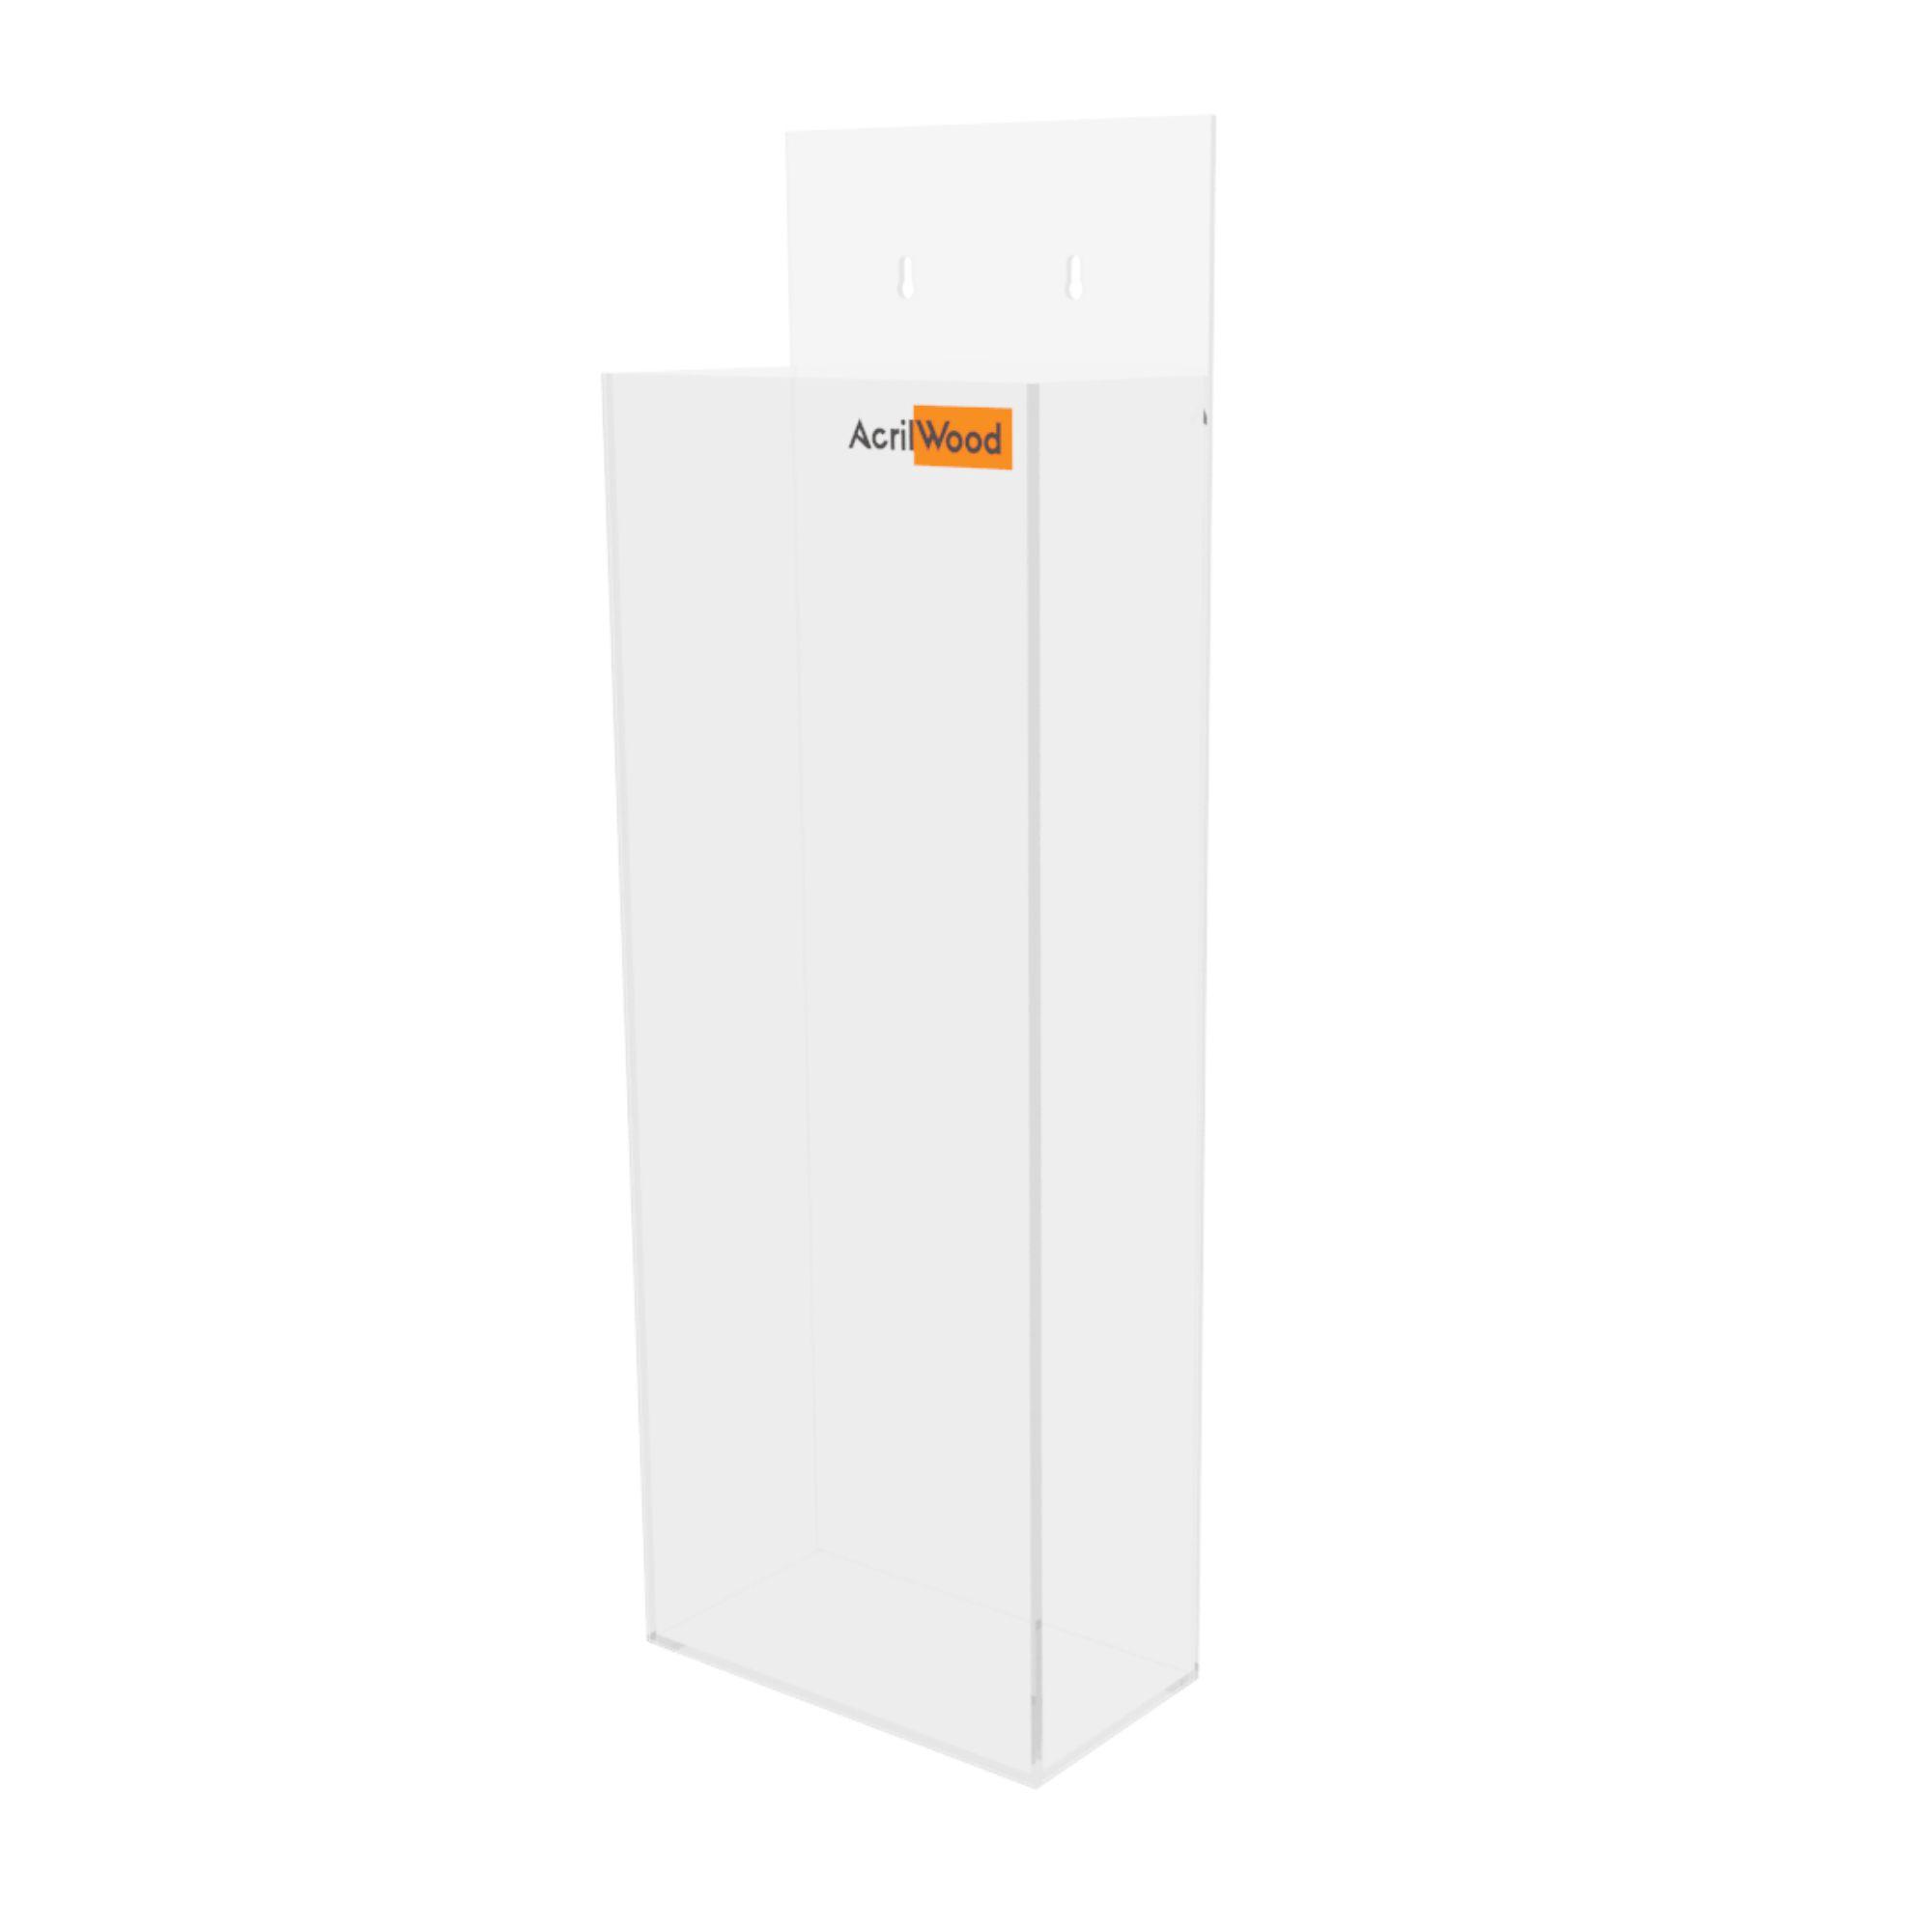 Display Porta Folder Em Acrílico De Parede - 10x30cm